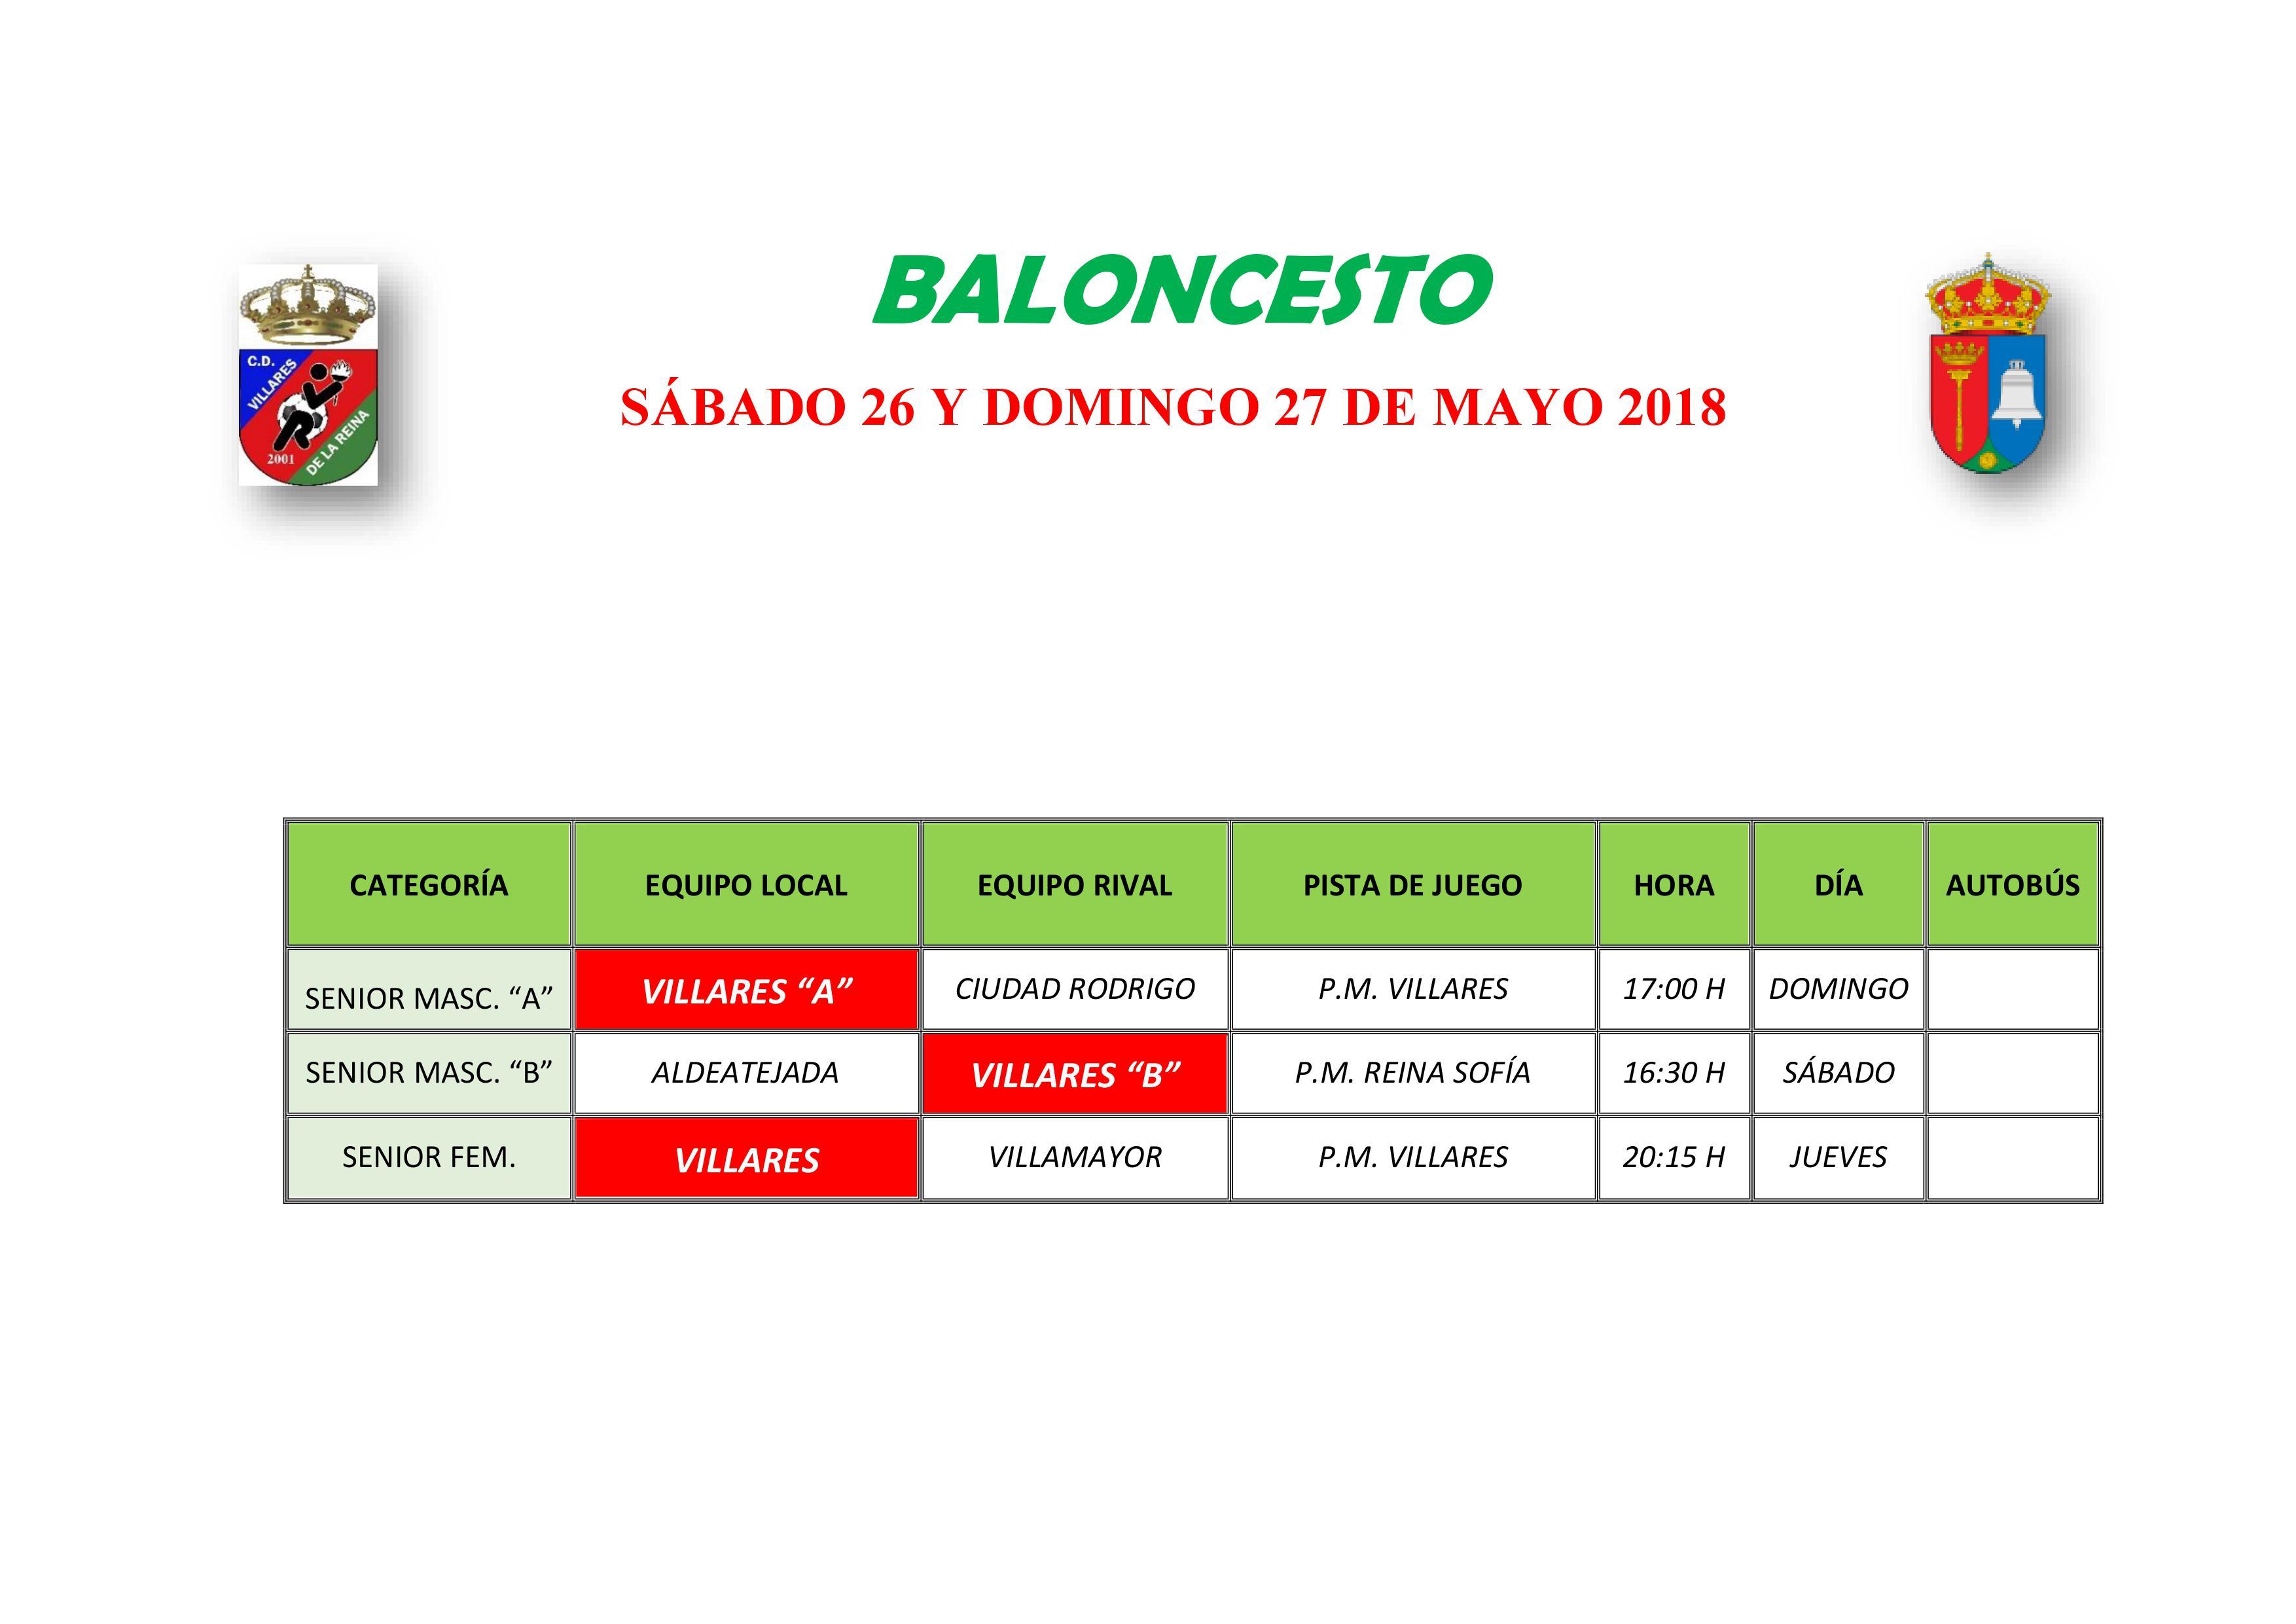 HORARIOS S�BADO 26 Y DOMINGO 27 DE MAYO